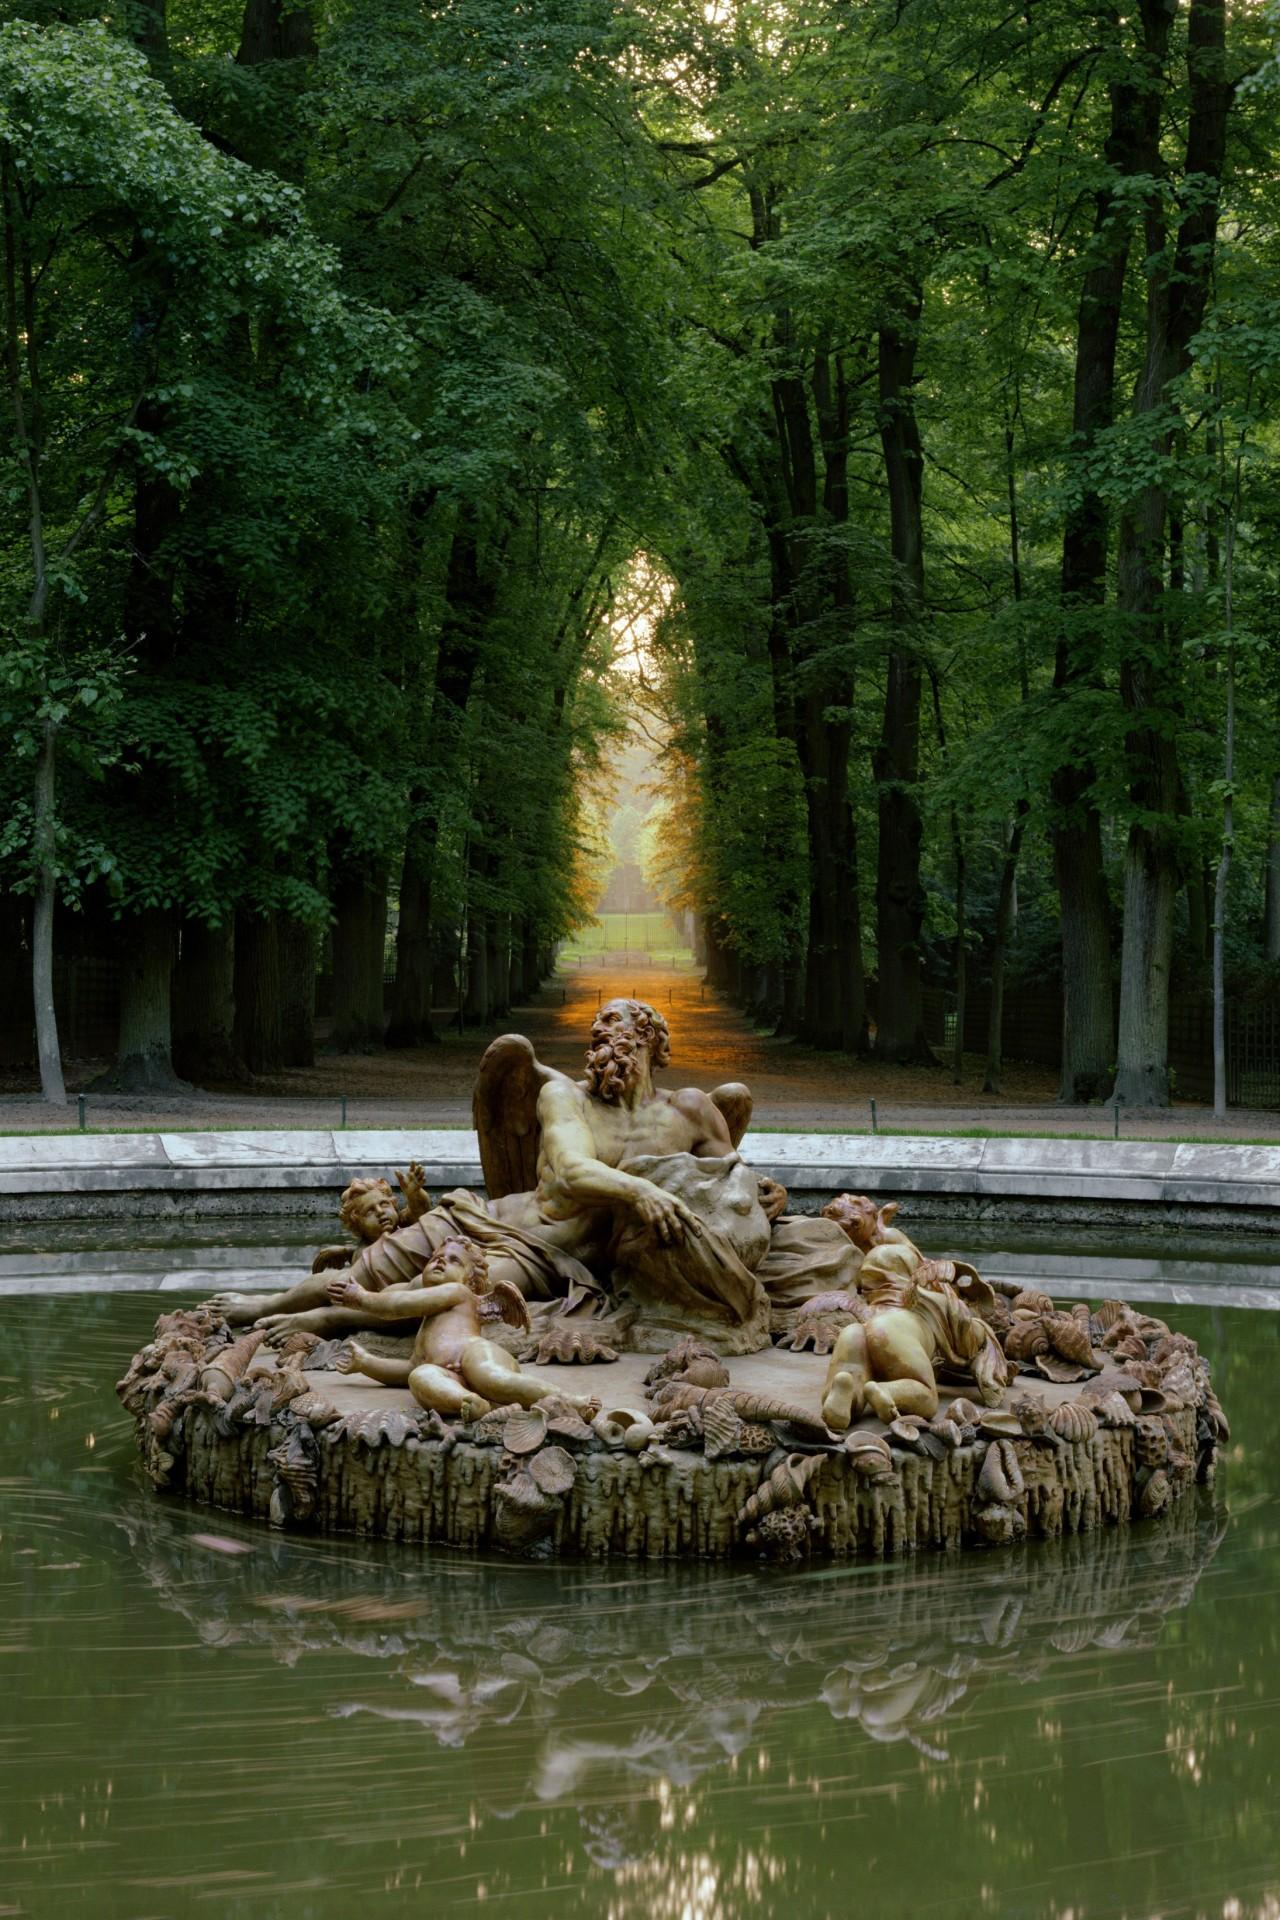 Бассейн Сатурна в Версальском дворцовом саду, работа скульптора Франсуа Жирардона. Снято в 1985 году. Фотограф Роберт Полидори